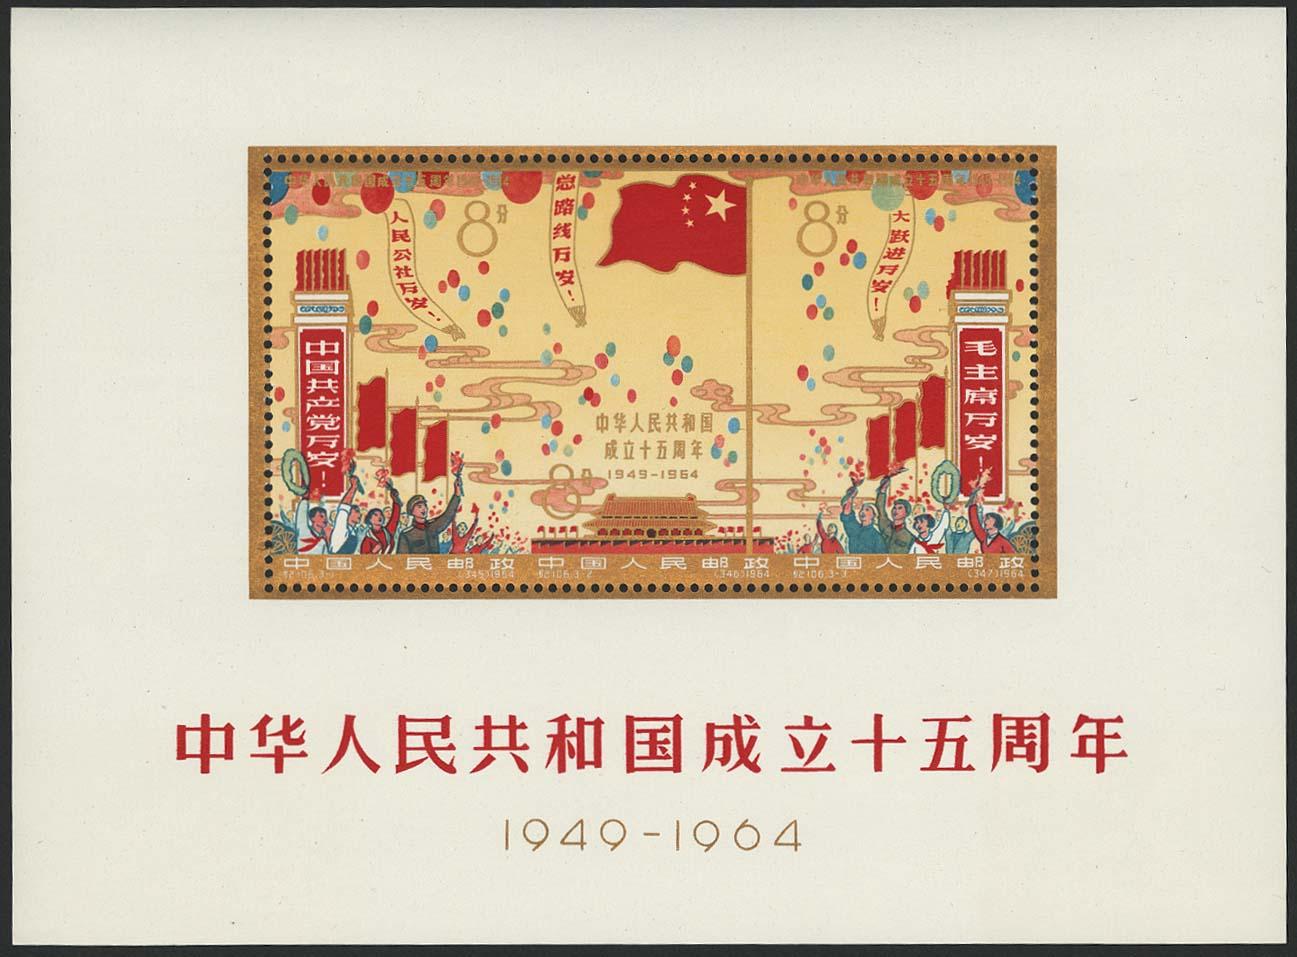 Lot 5017 - Übersee A-Z China - Volksrepublik (PRC) - Markenausgaben -  Auktionshaus Ulrich Felzmann GmbH & Co. KG